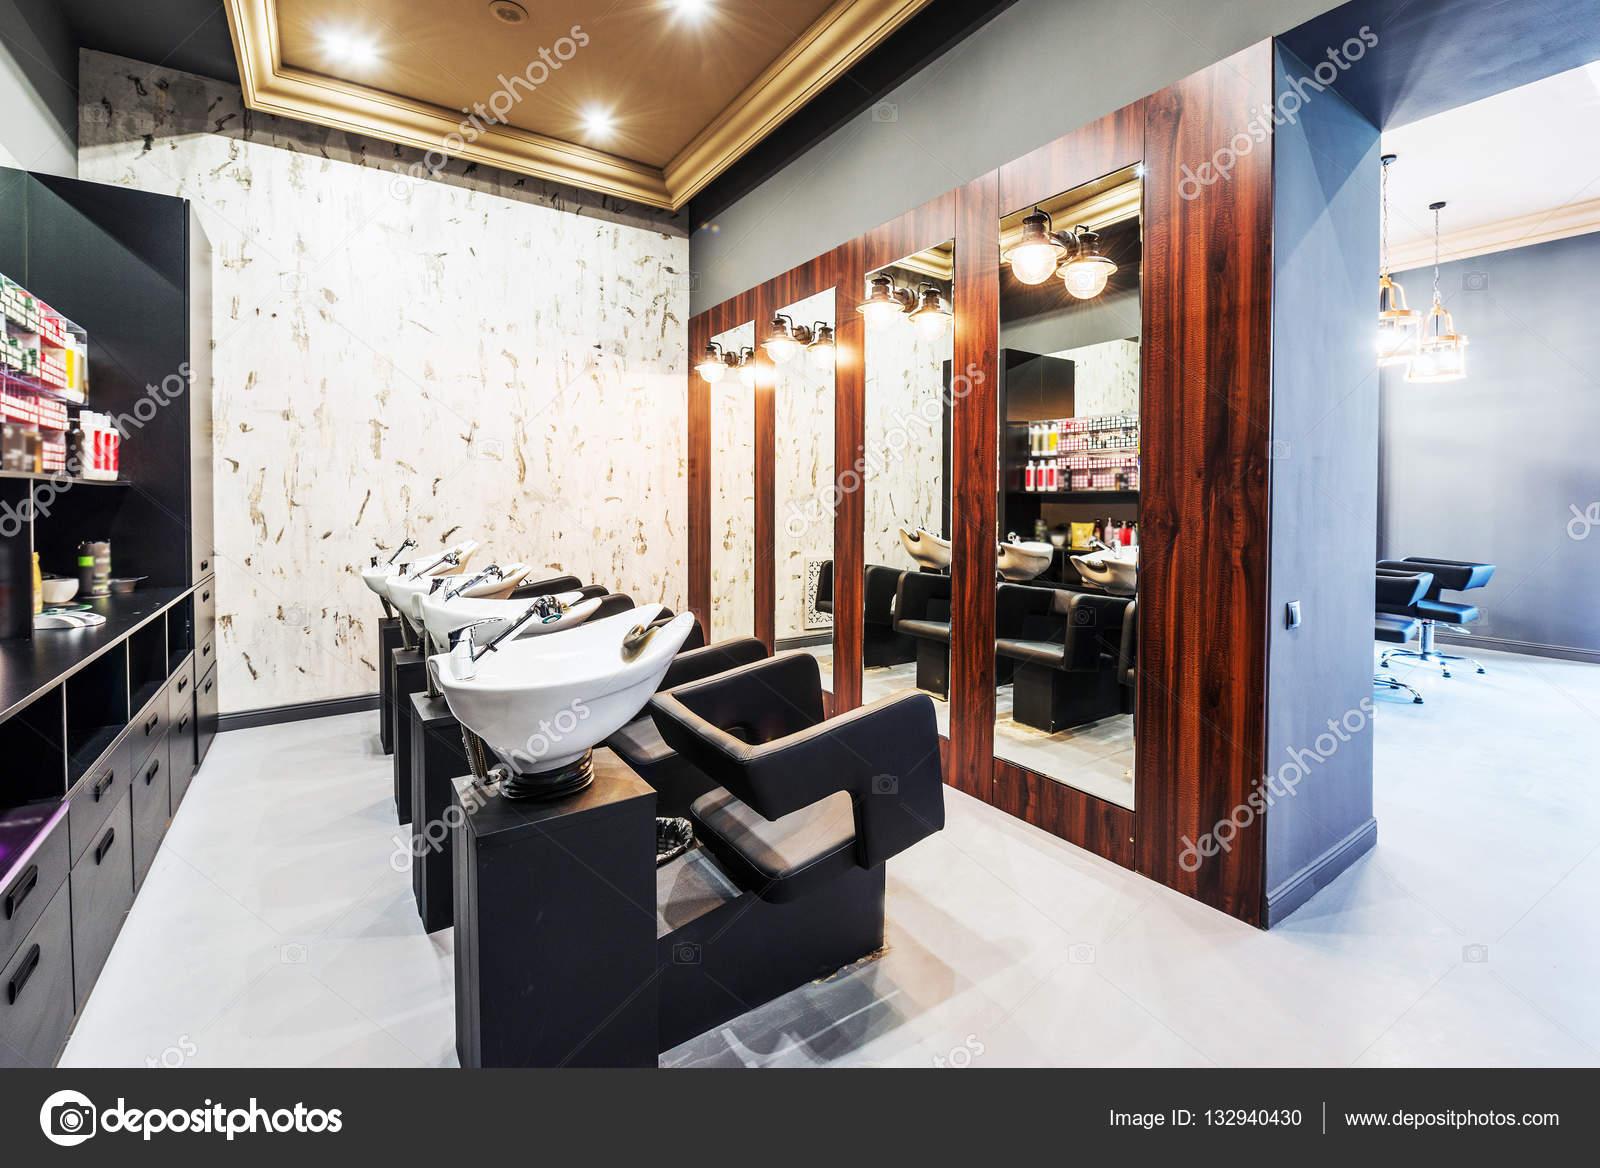 https://st3.depositphotos.com/1004176/13294/i/1600/depositphotos_132940430-stockafbeelding-schoonheidssalon-interieur-een-rij-van.jpg